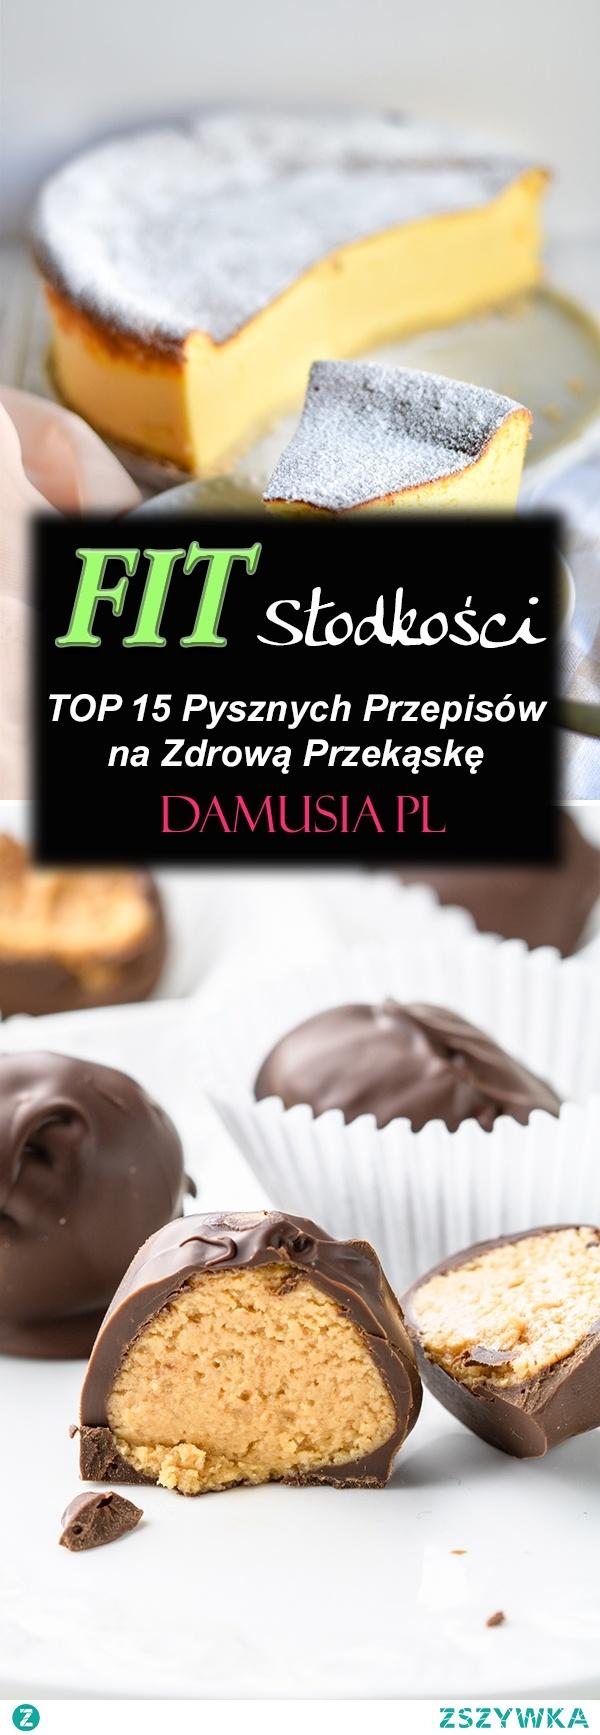 FIT Słodycze – TOP 15 Pysznych Przepisów na Zdrową Przekąskę